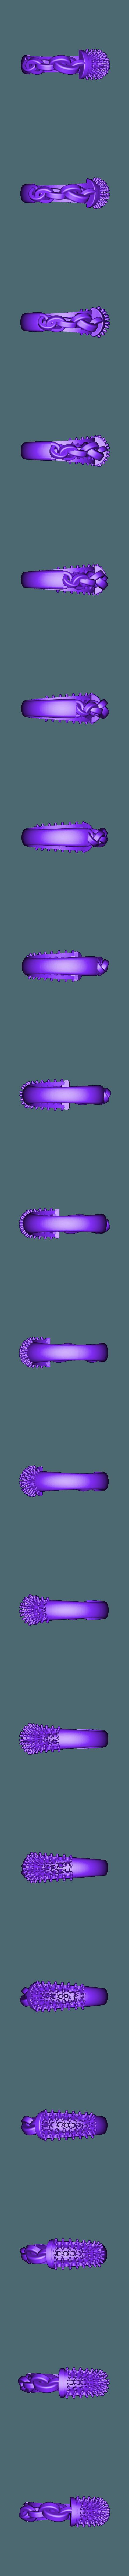 1x.stl Télécharger fichier OBJ gratuit Bague de Chaîne avec Pierres Gemmes • Design pour impression 3D, Khatri3D